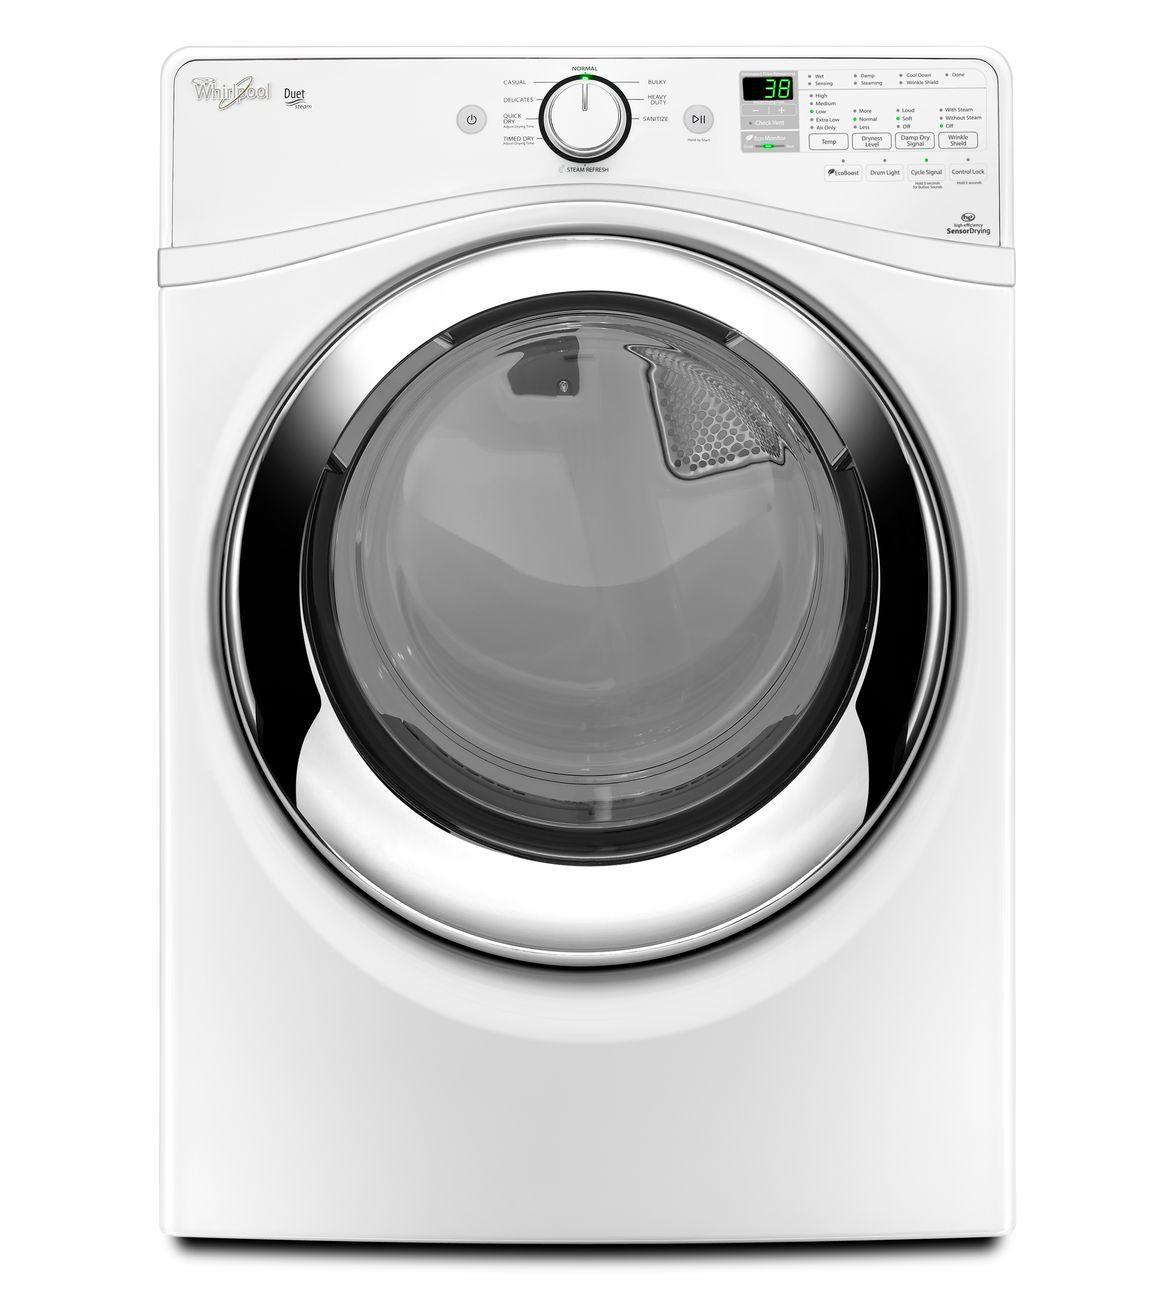 Whirlpool® Duet® 7,3 pi cu C.E.I.* Sécheuse Vapeur dotée de l'option antifroissement Wrinkle Shield™ à la vapeur